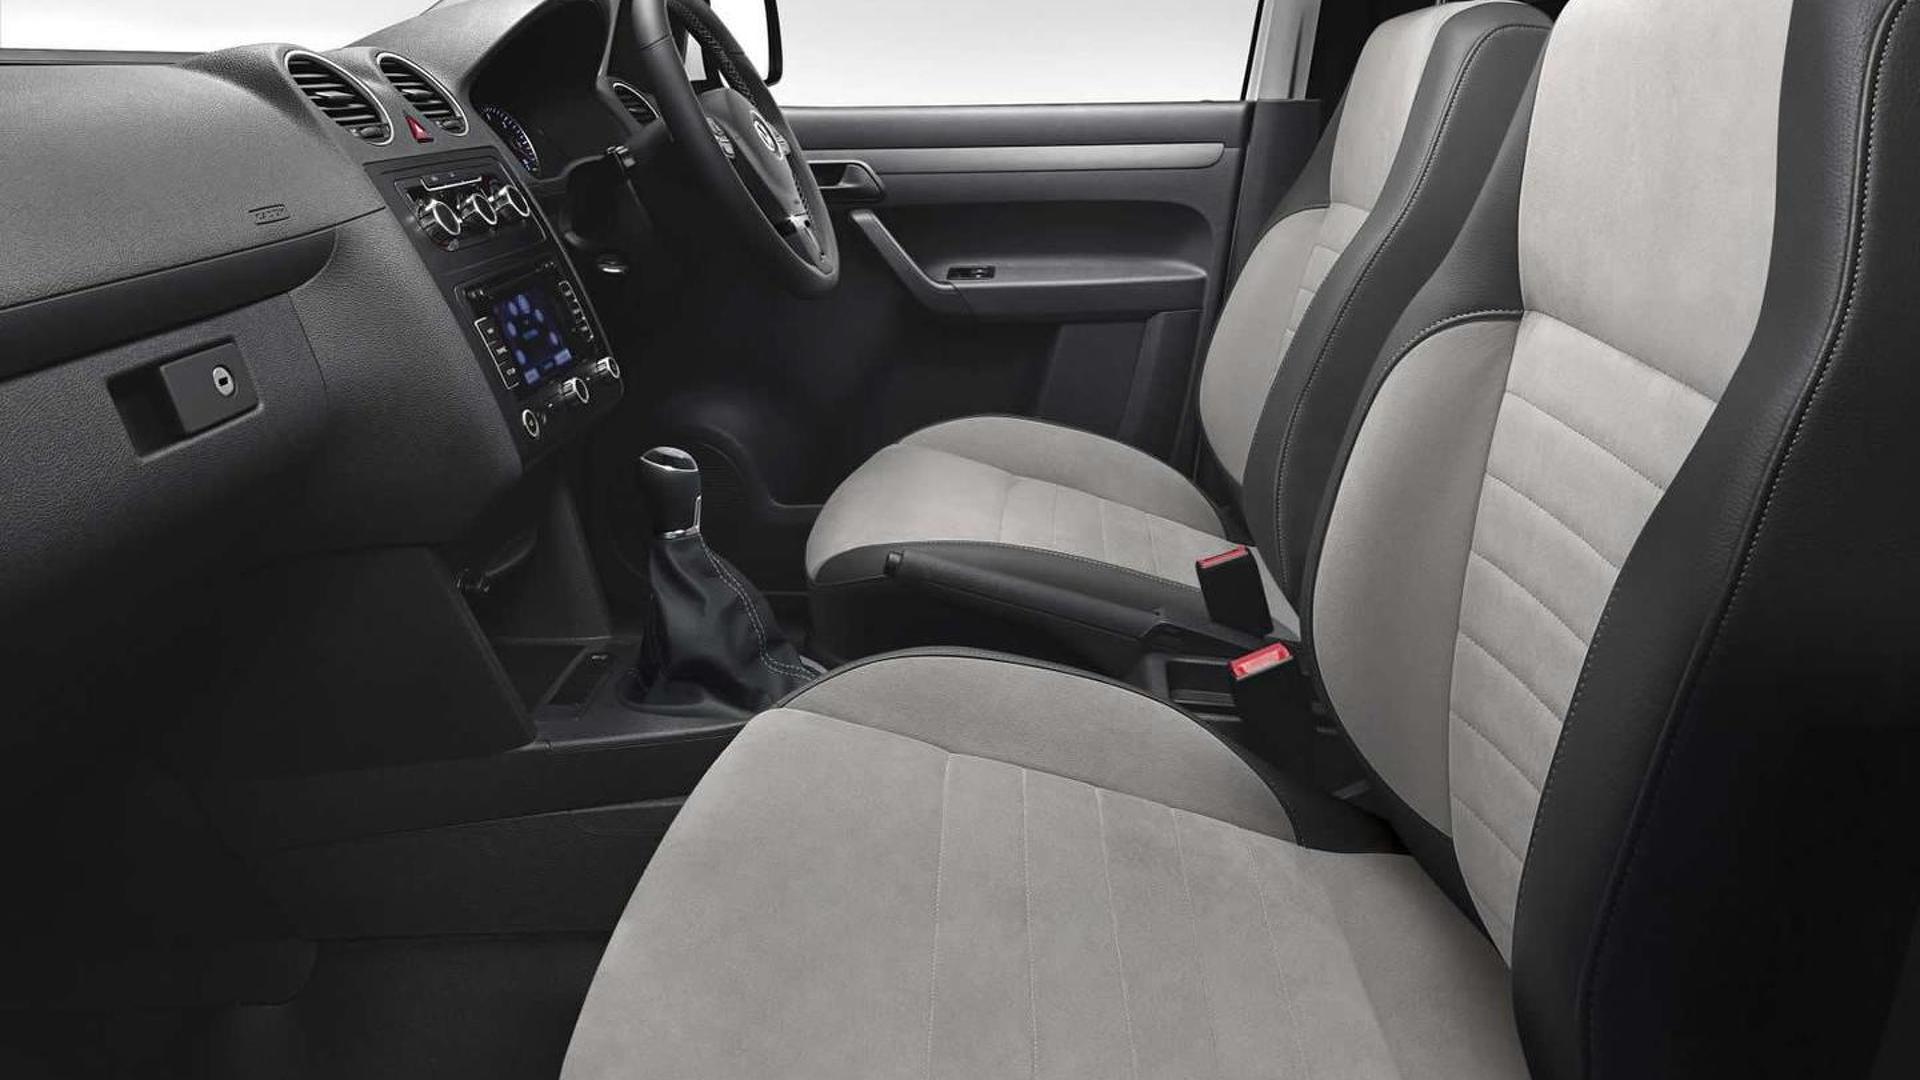 Фото салона Volkswagen Caddy Black Edition